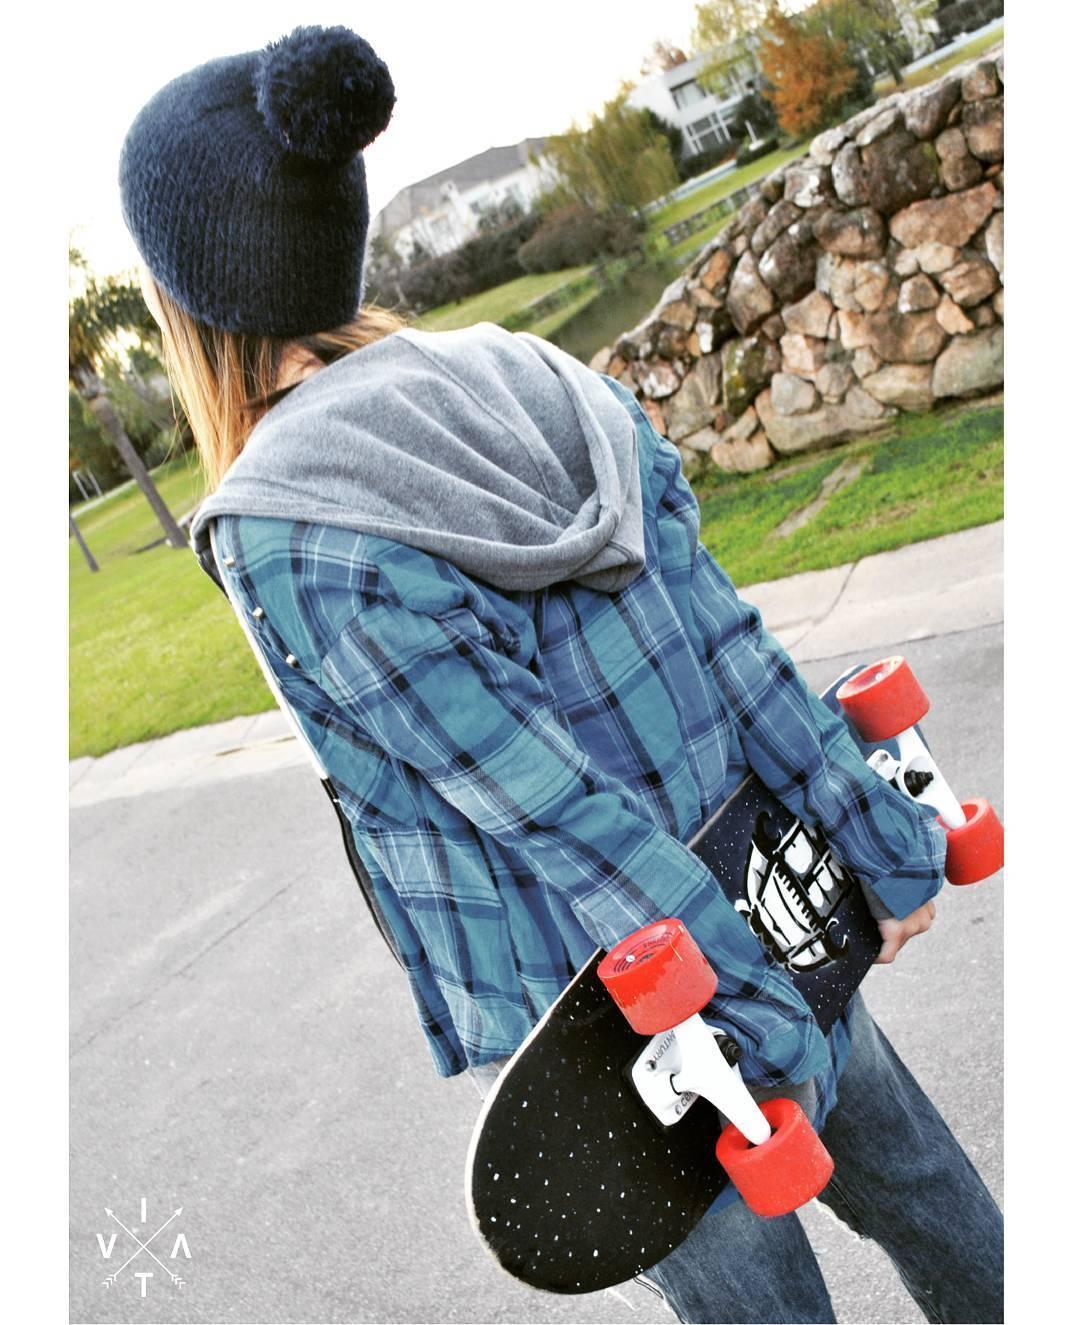 Próximamente van a poder encontrar los nuevos gorros de invierno en nuestro shop online!!! Chusmeá todo en www.vitacaps.com.ar